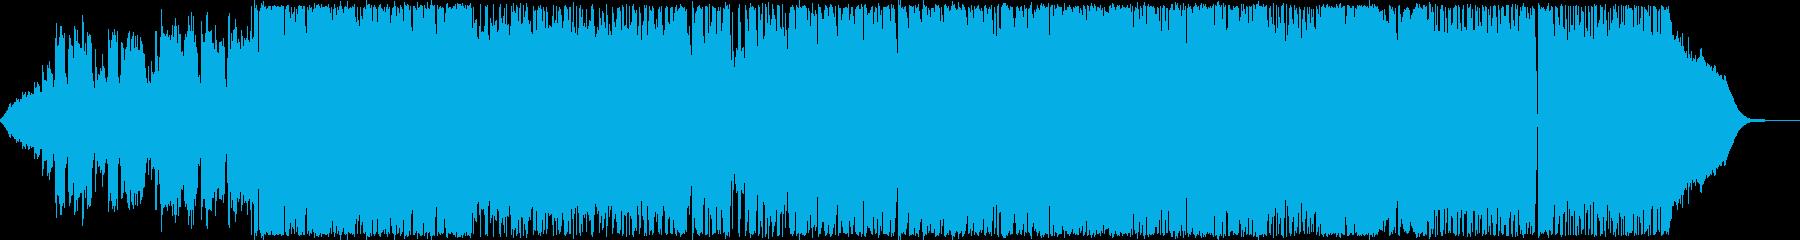 エレキとアコギによるギターロックバラードの再生済みの波形